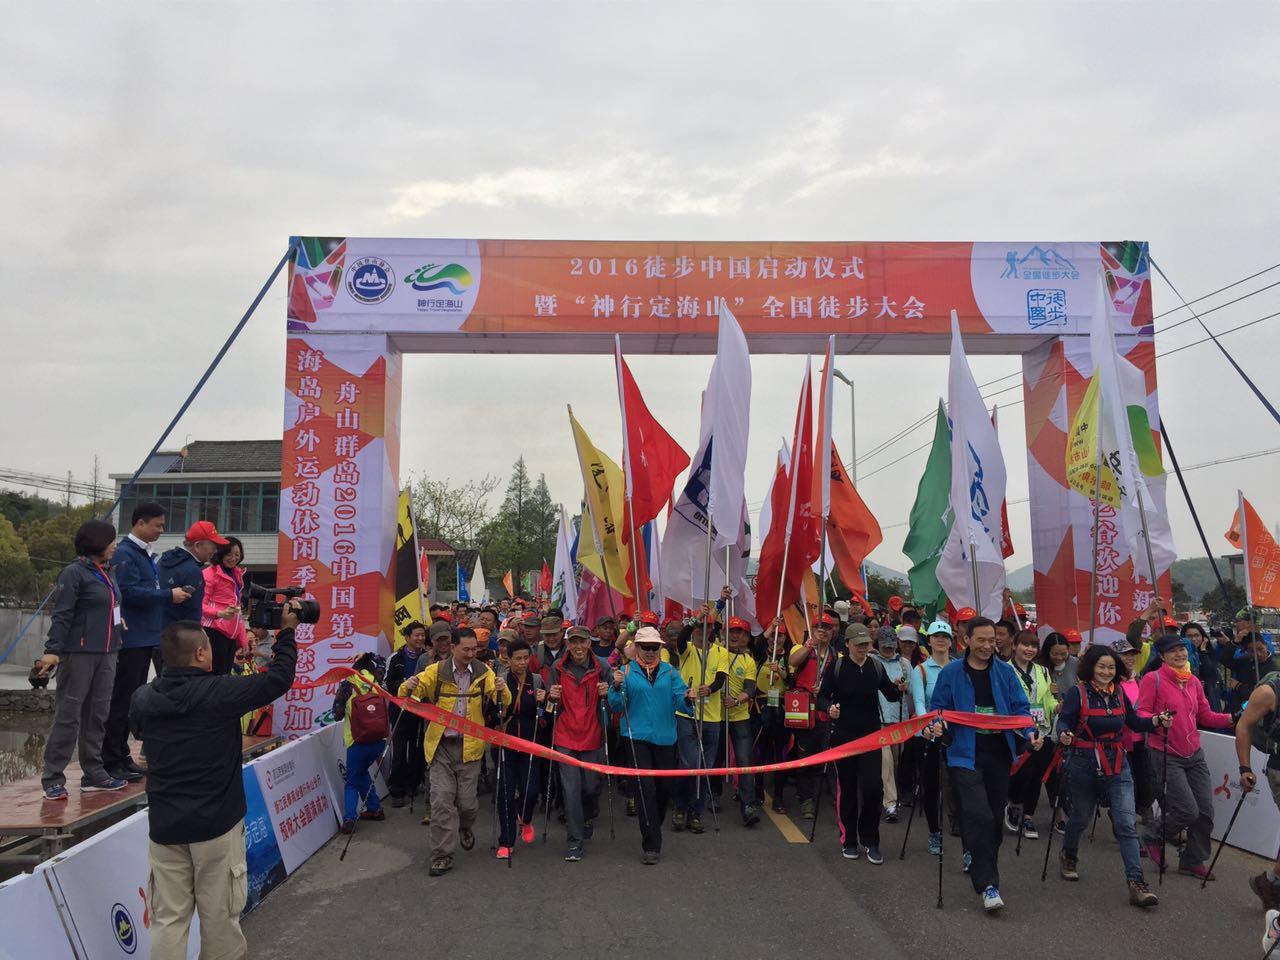 徒步中国启动仪式暨神行定海山全国徒步大会开